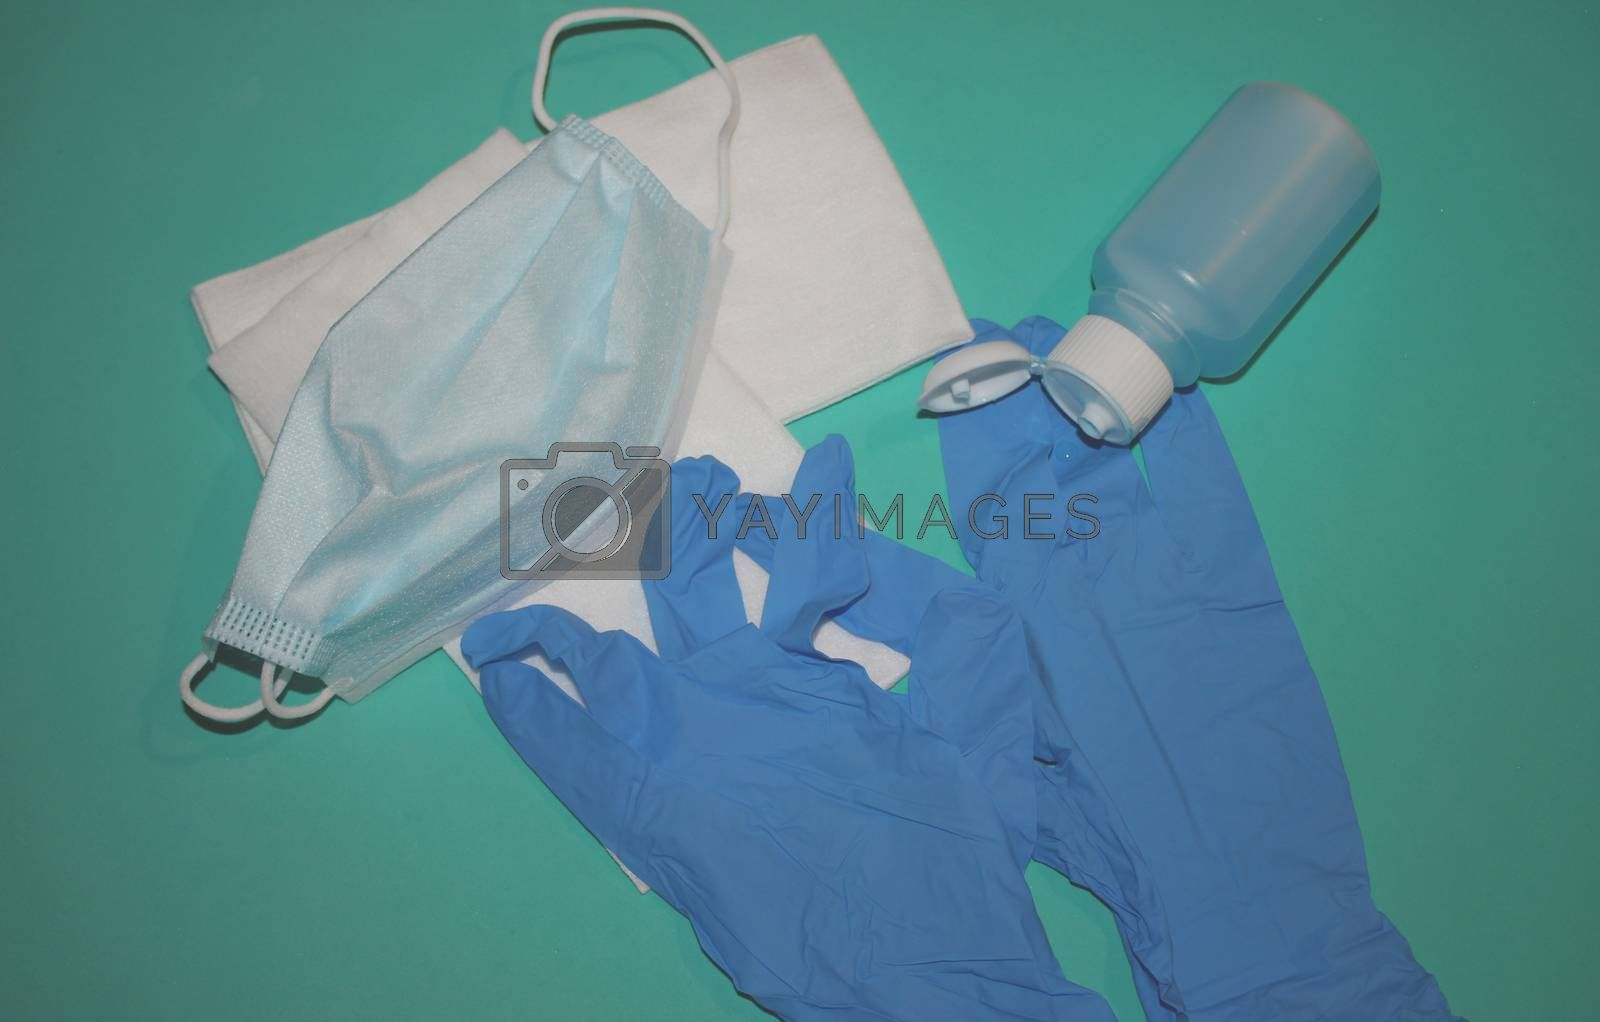 immagine con guanti, igenizzante, mascherine,